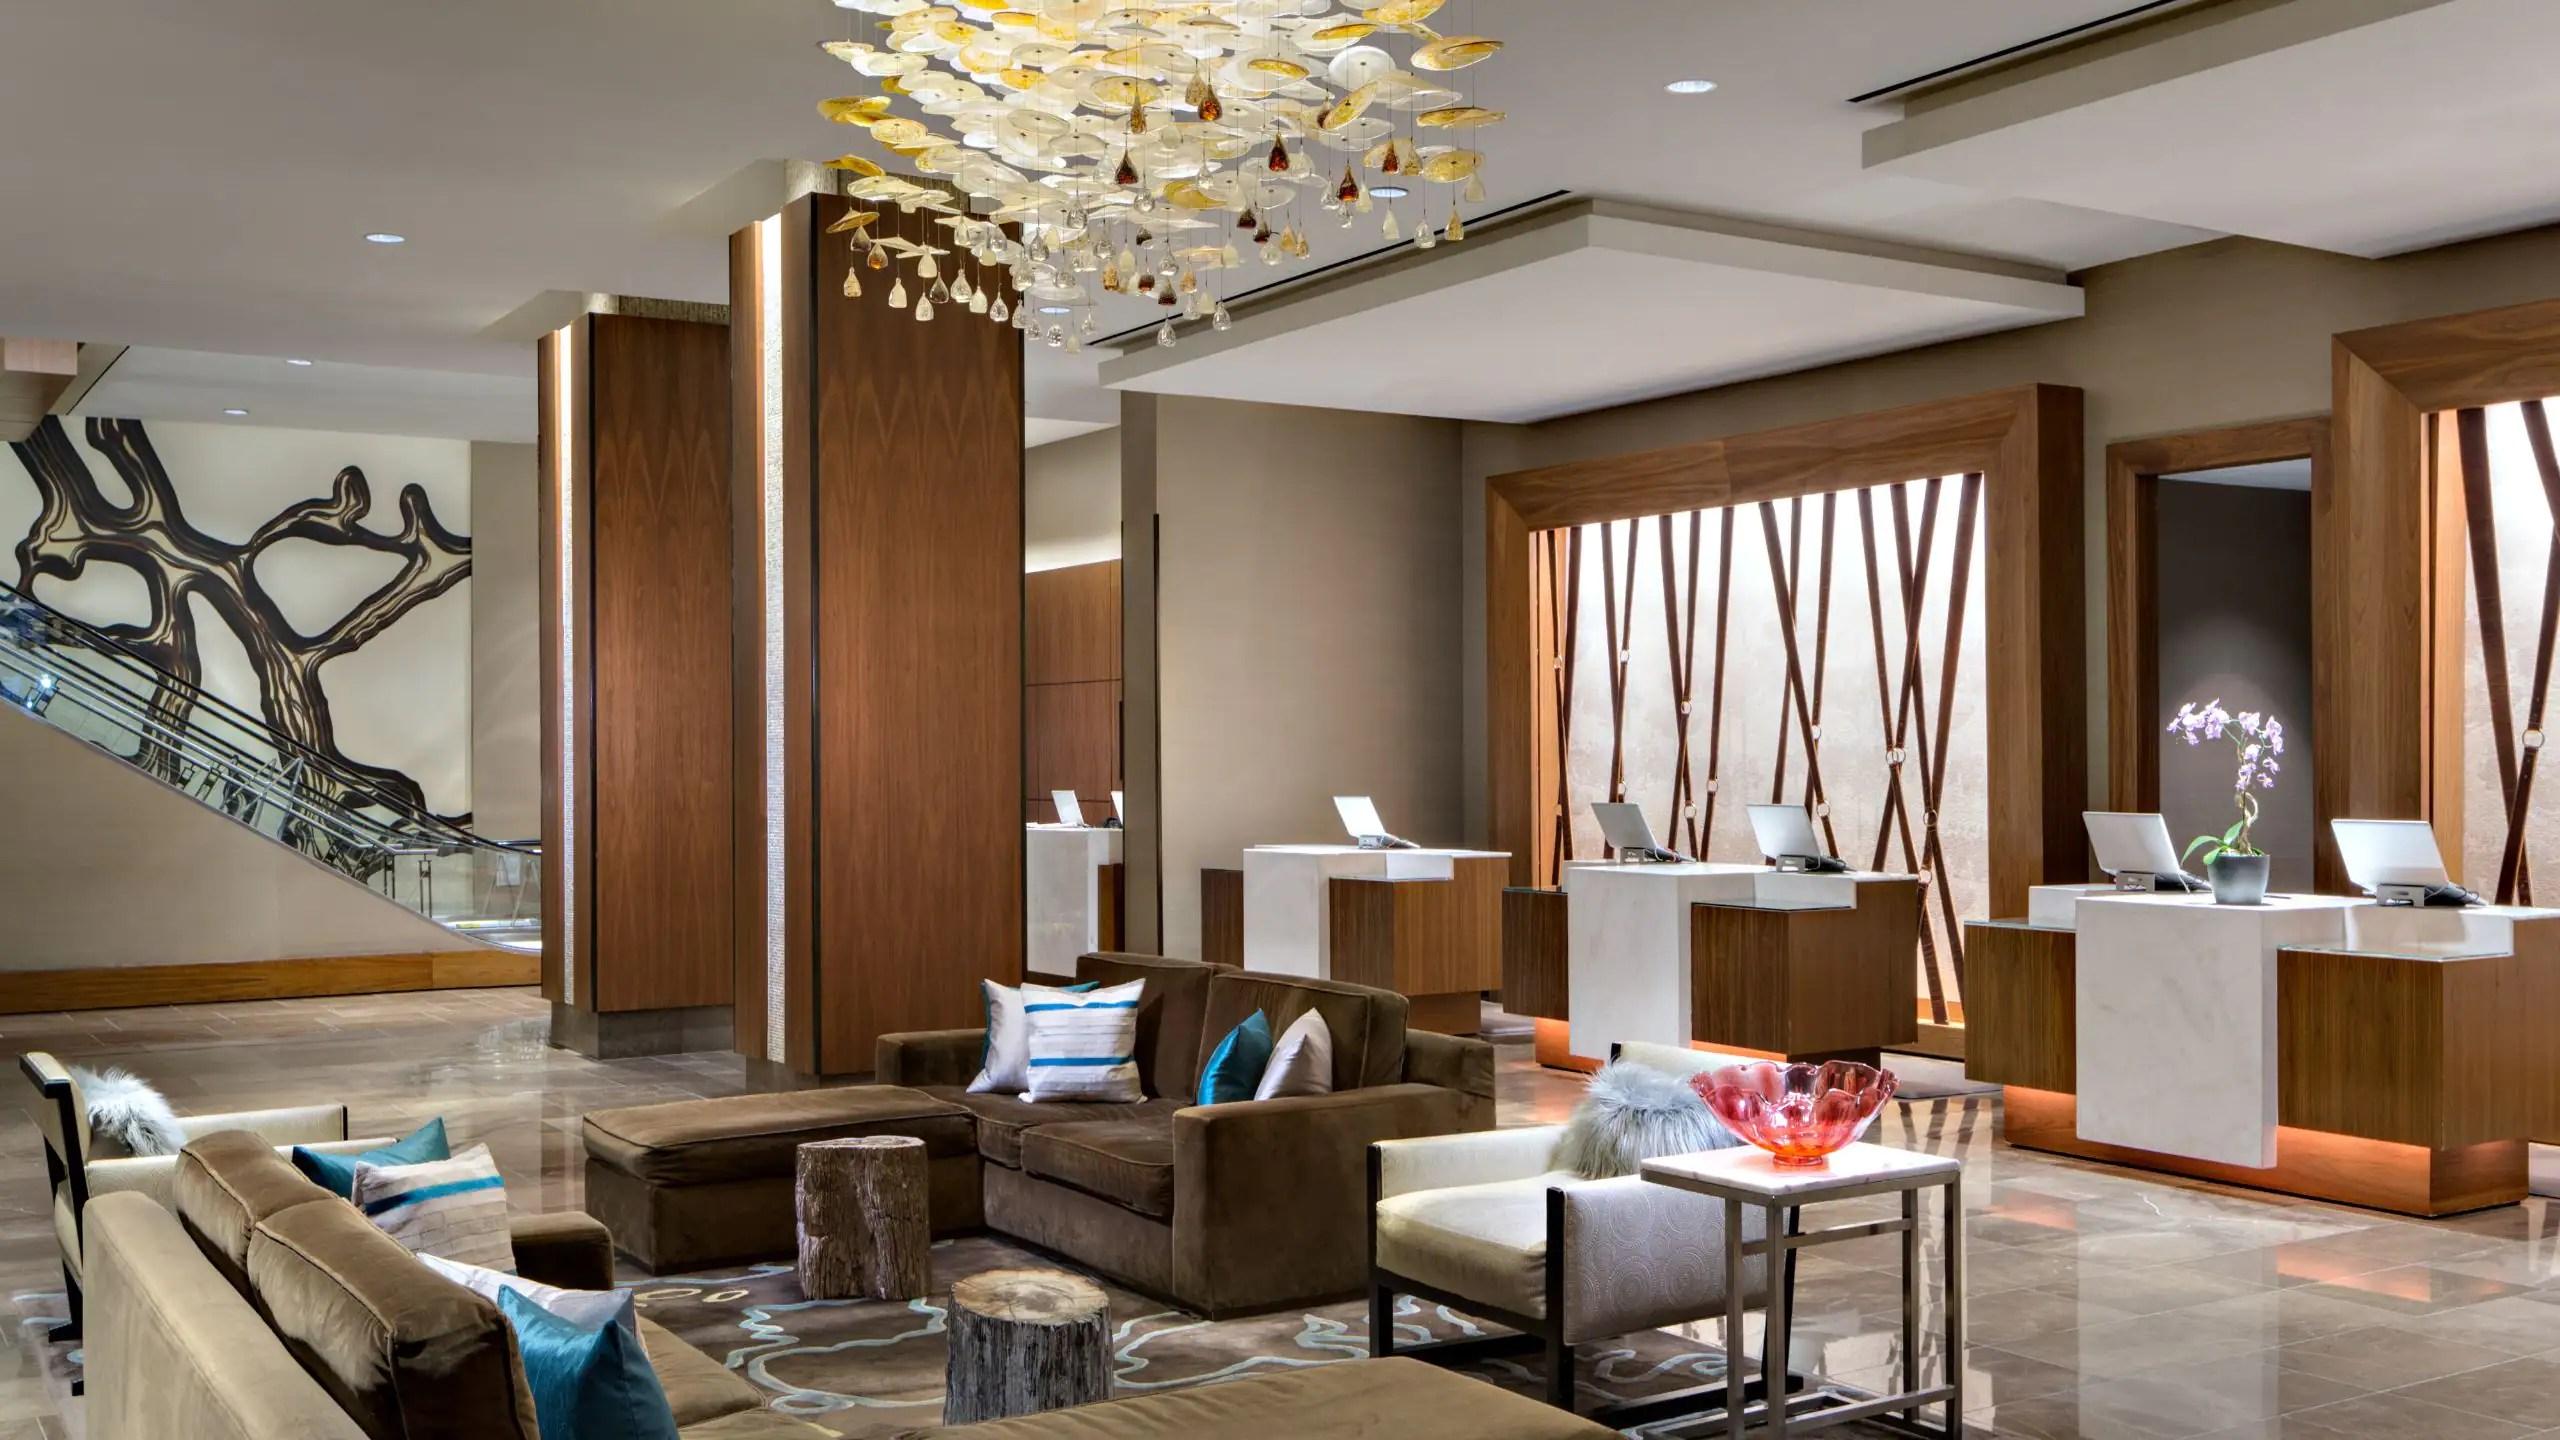 hight resolution of hotel lobby hyatt regency san antonio river walk